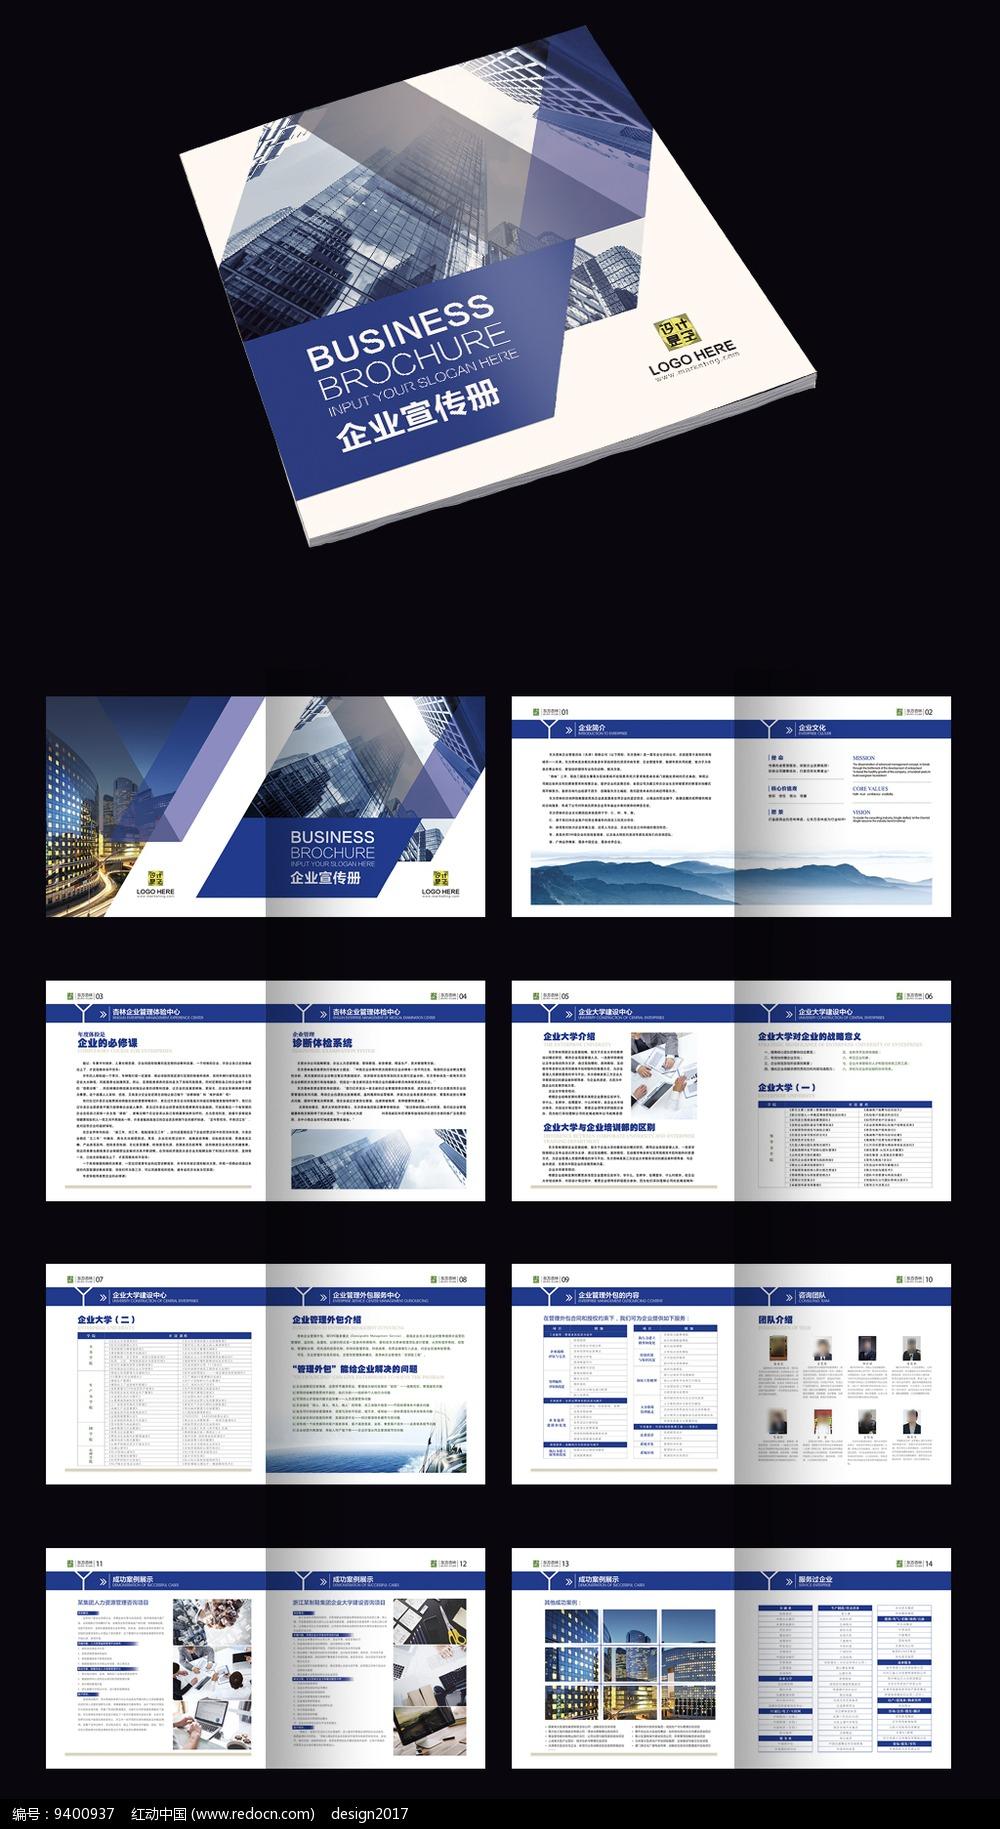 蓝色商务企业公司宣传画册模板图片